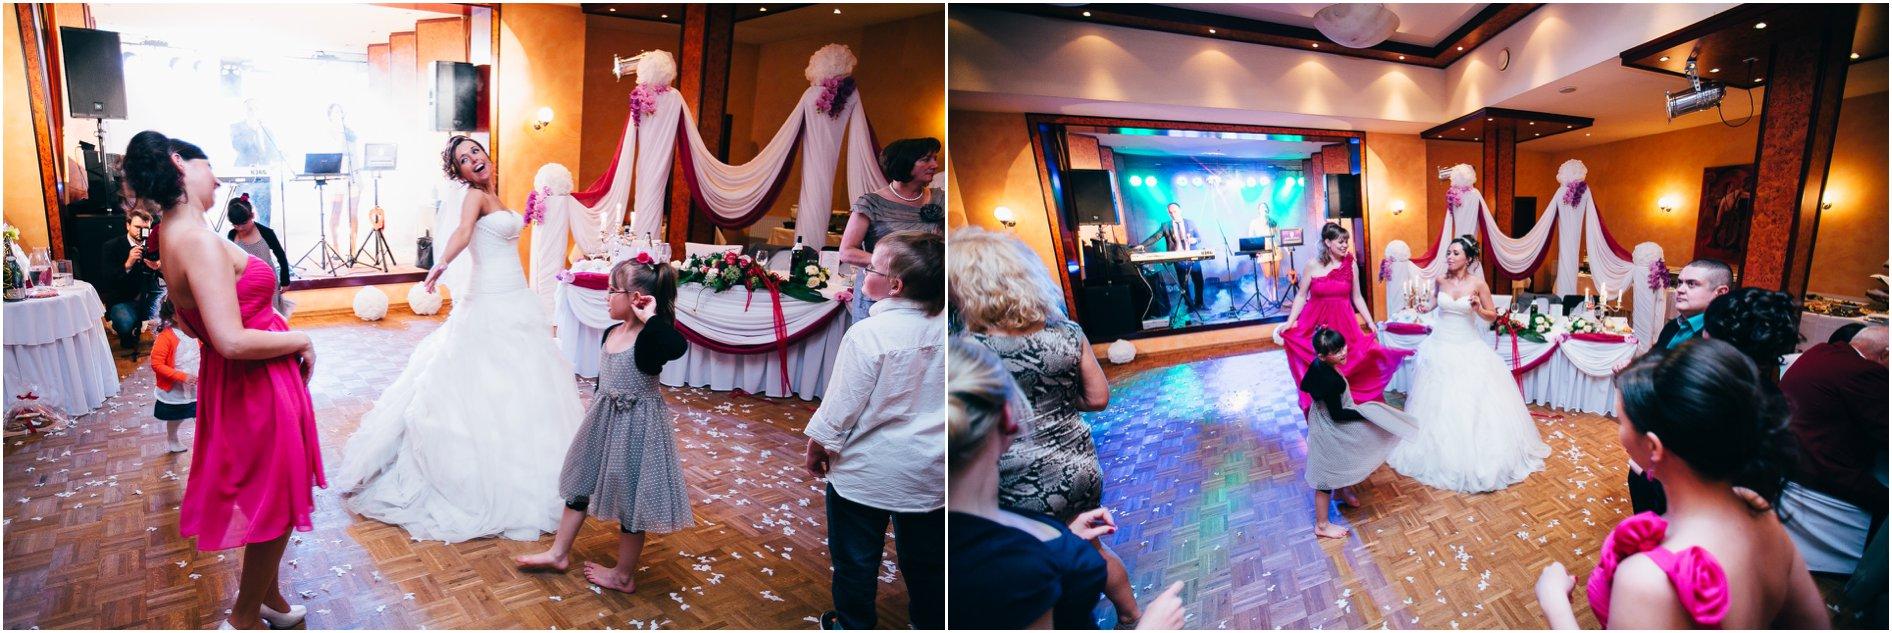 2014-07-16_0230 Anna & Igor - Hochzeitsfotograf in Bremen